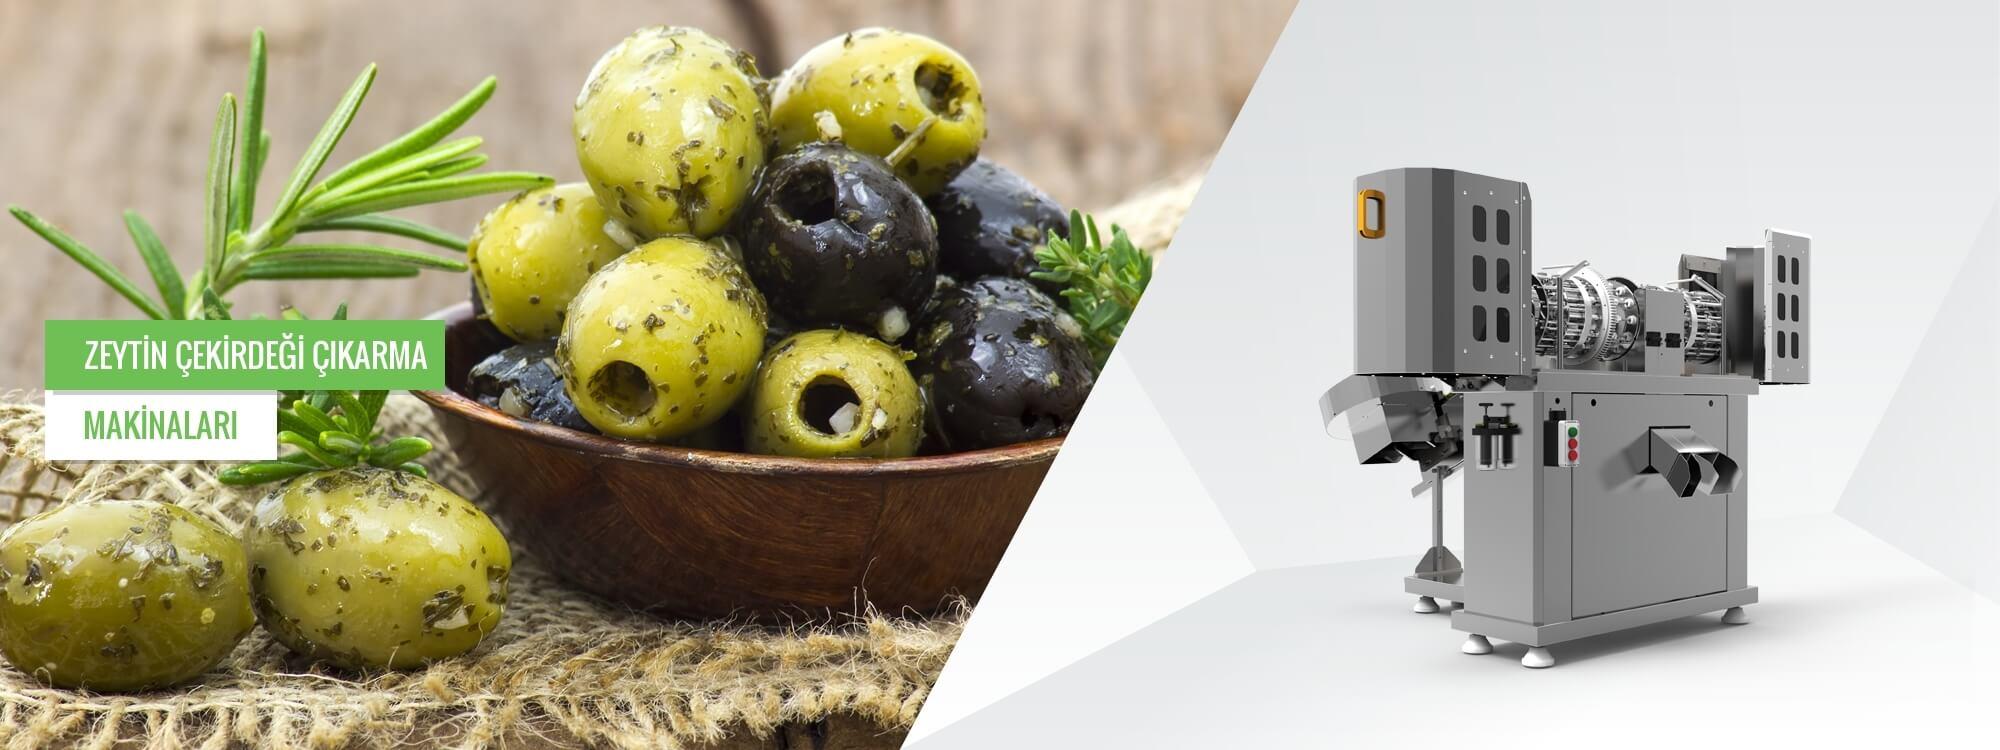 Zeytin Çekirdeği Çıkarma Makinaları Tr